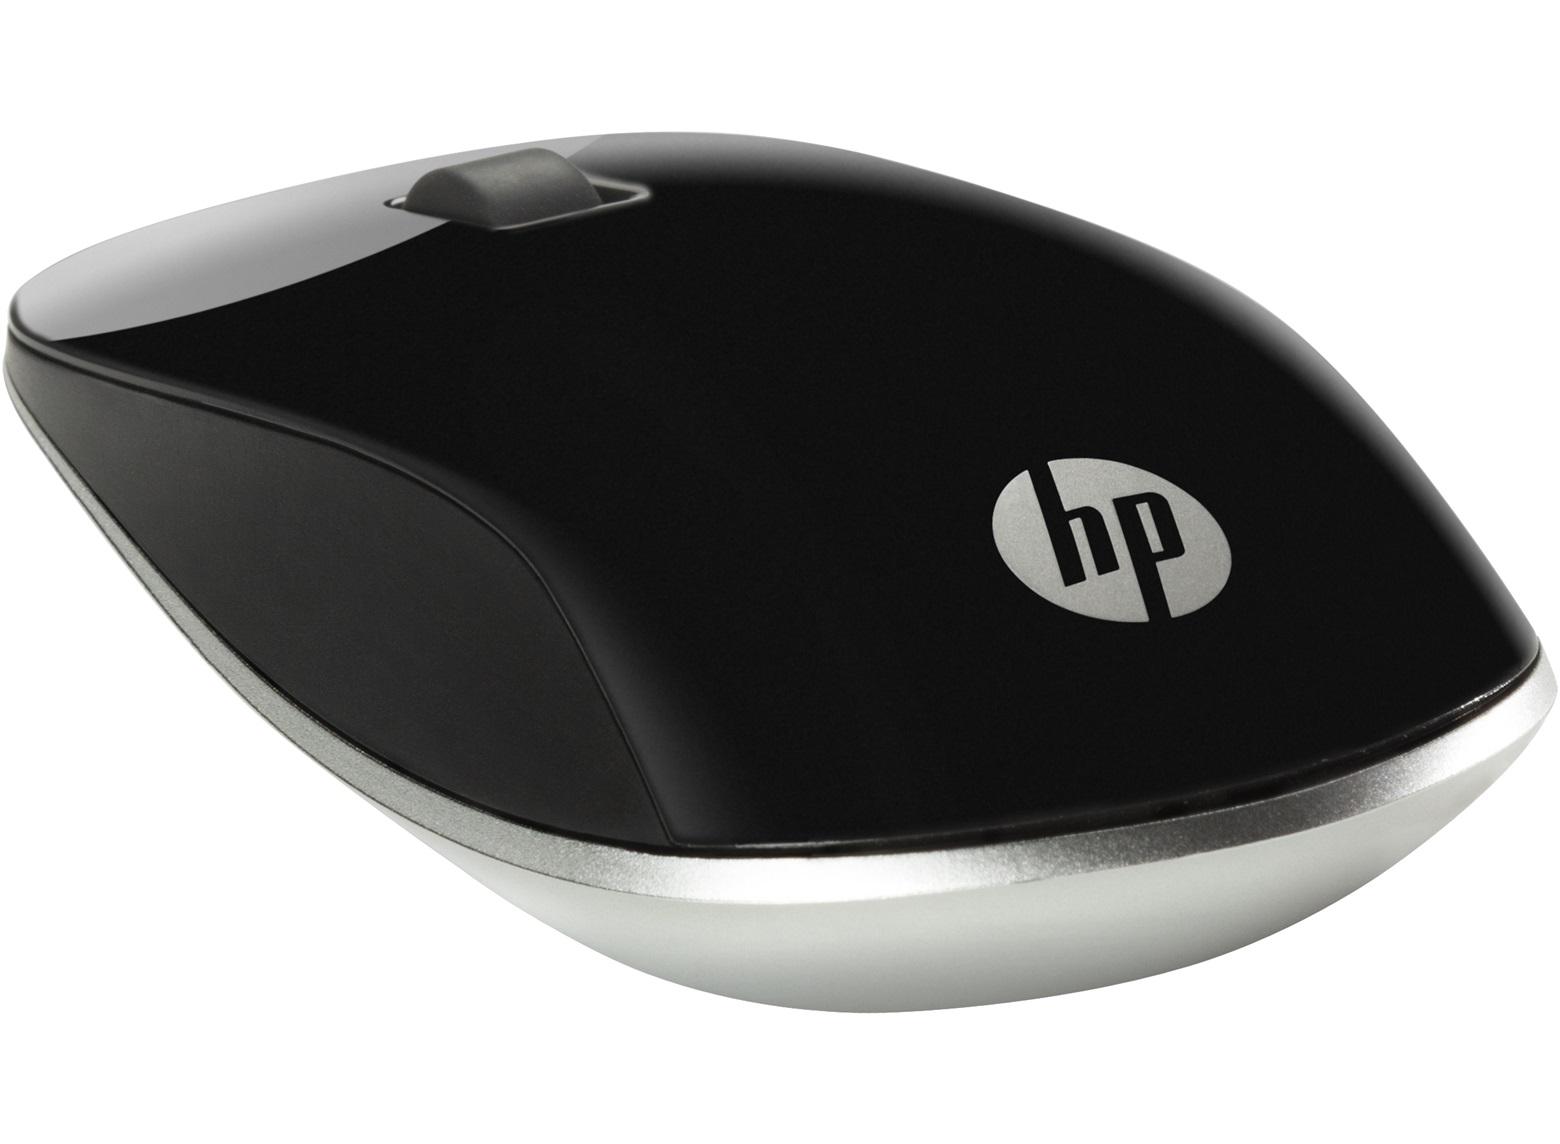 Купить Мишка HP Z4000 Wireless чорна, H5N61AA, Hewlett-Packard